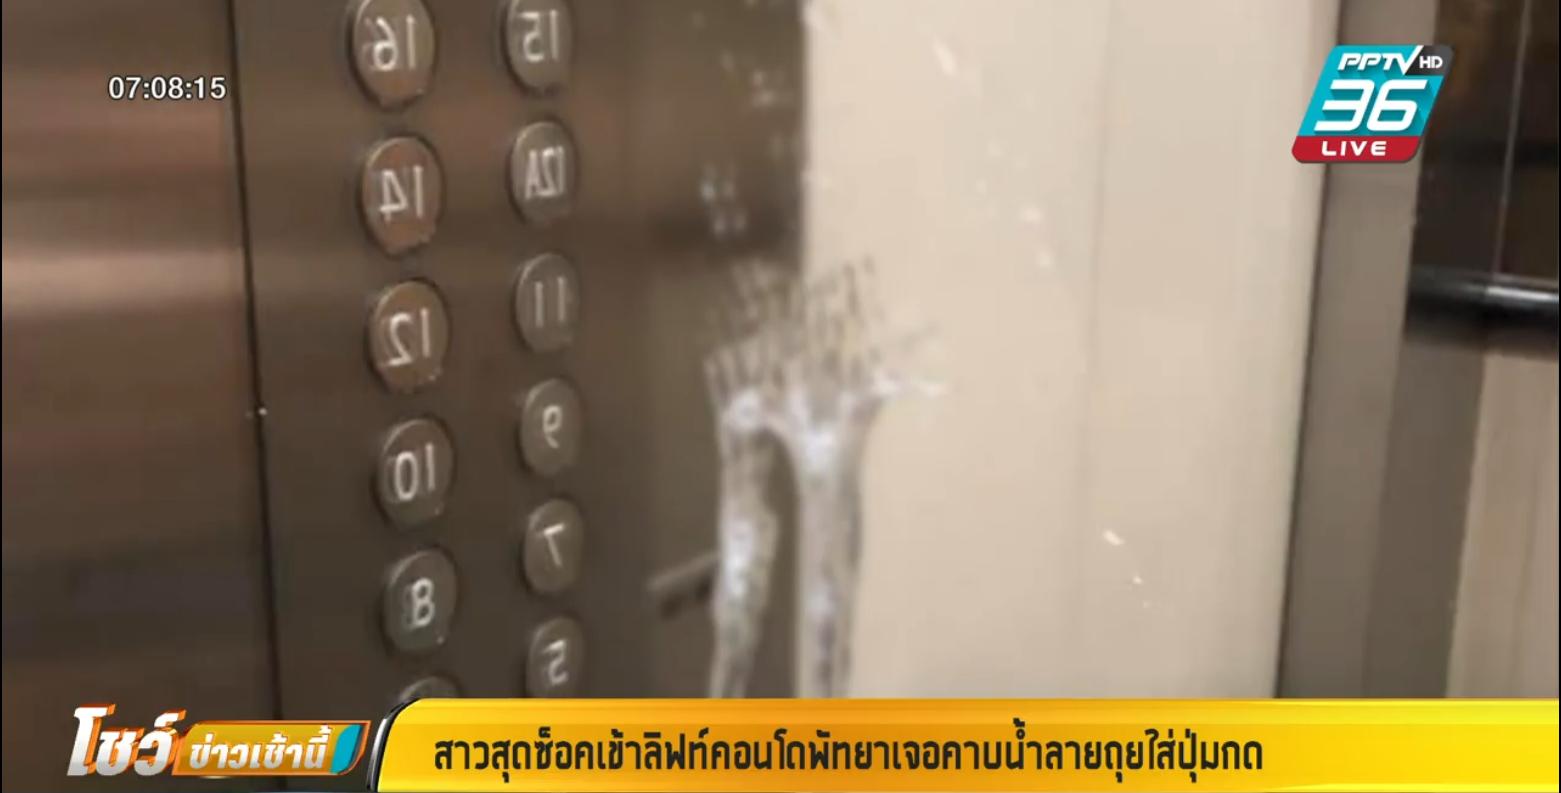 สุดช็อก !! สาวเจอคราบน้ำลาย บนปุ่มกดลิฟต์